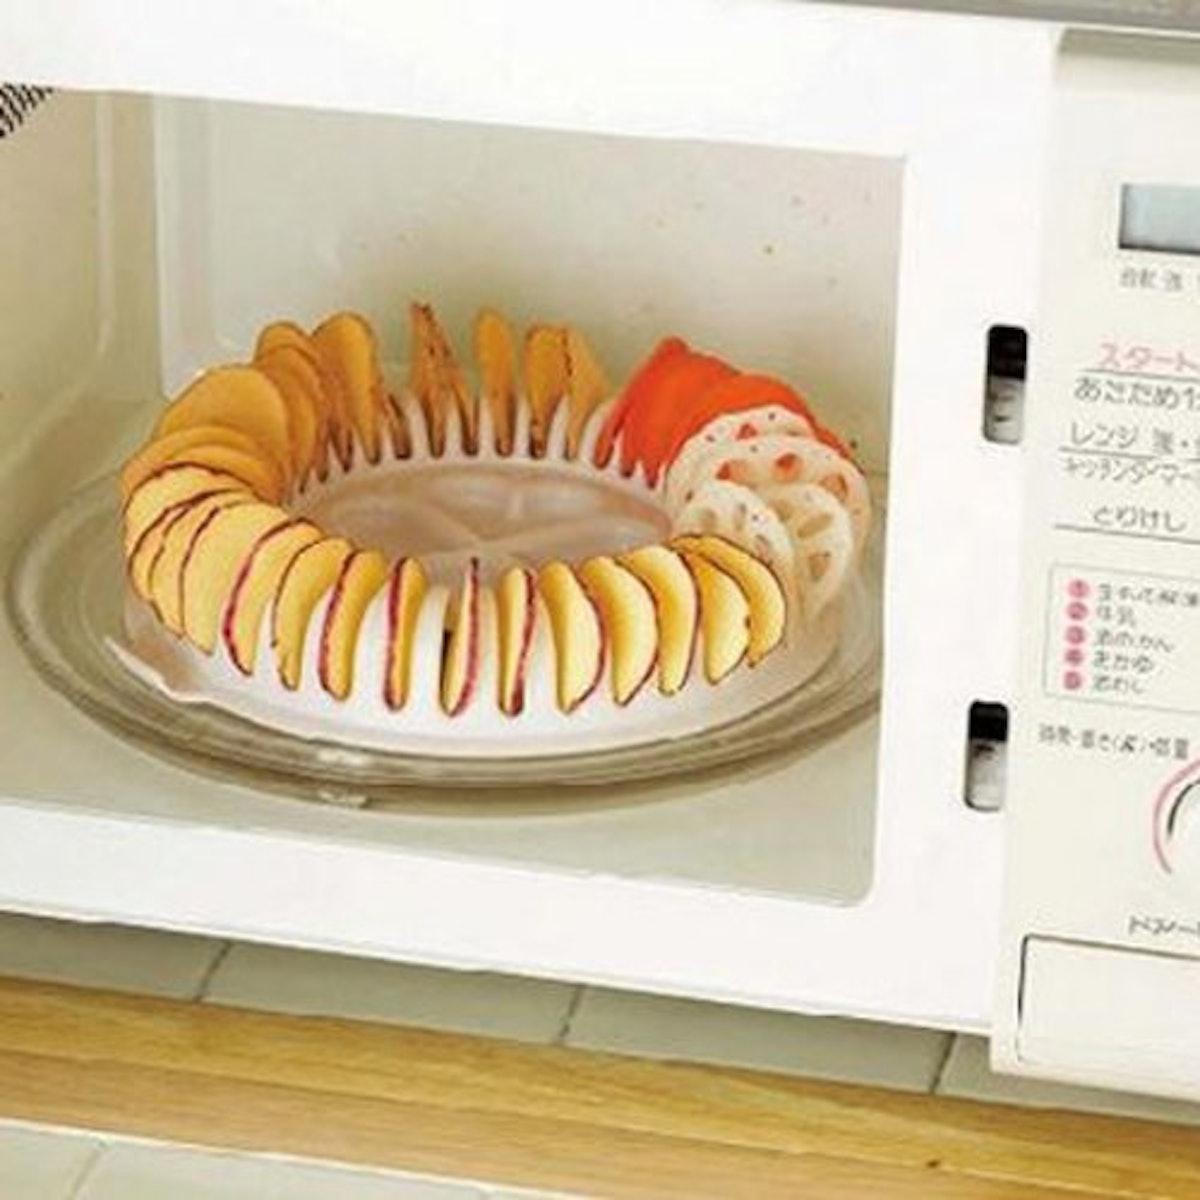 Whitelotous Potato Chips Baking Tray